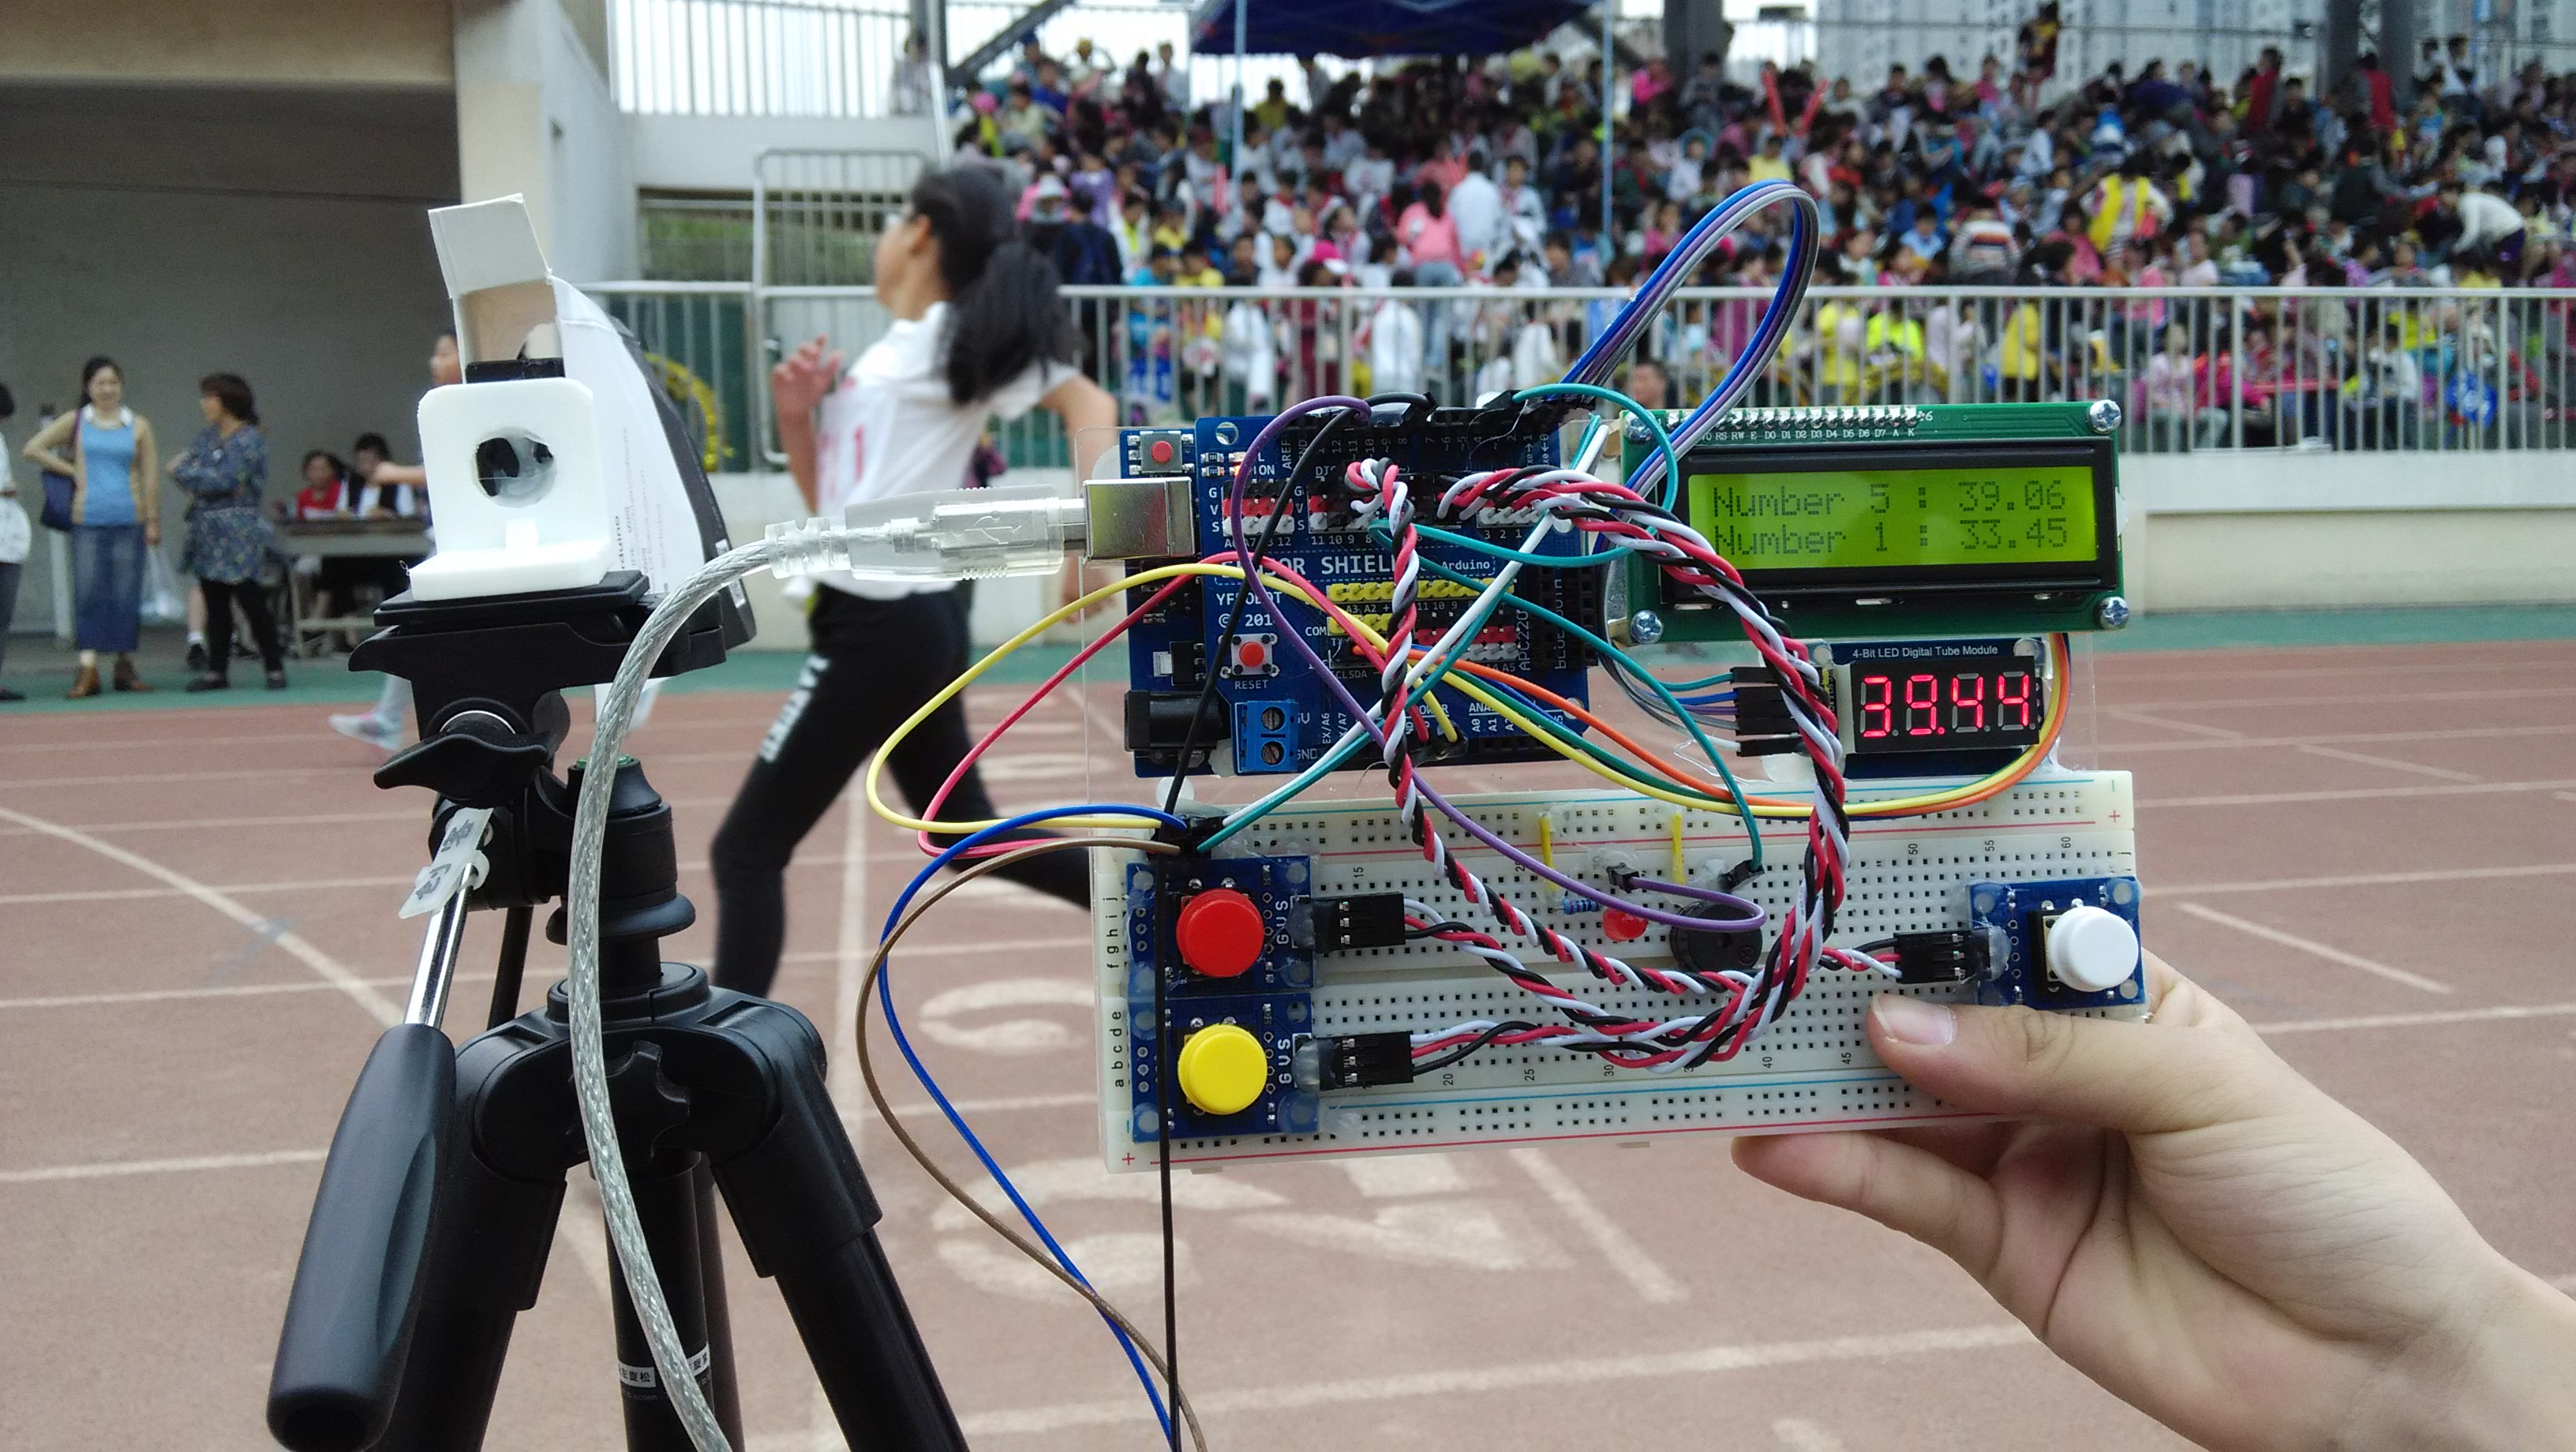 基于Arduino的运动会光电感应计时器